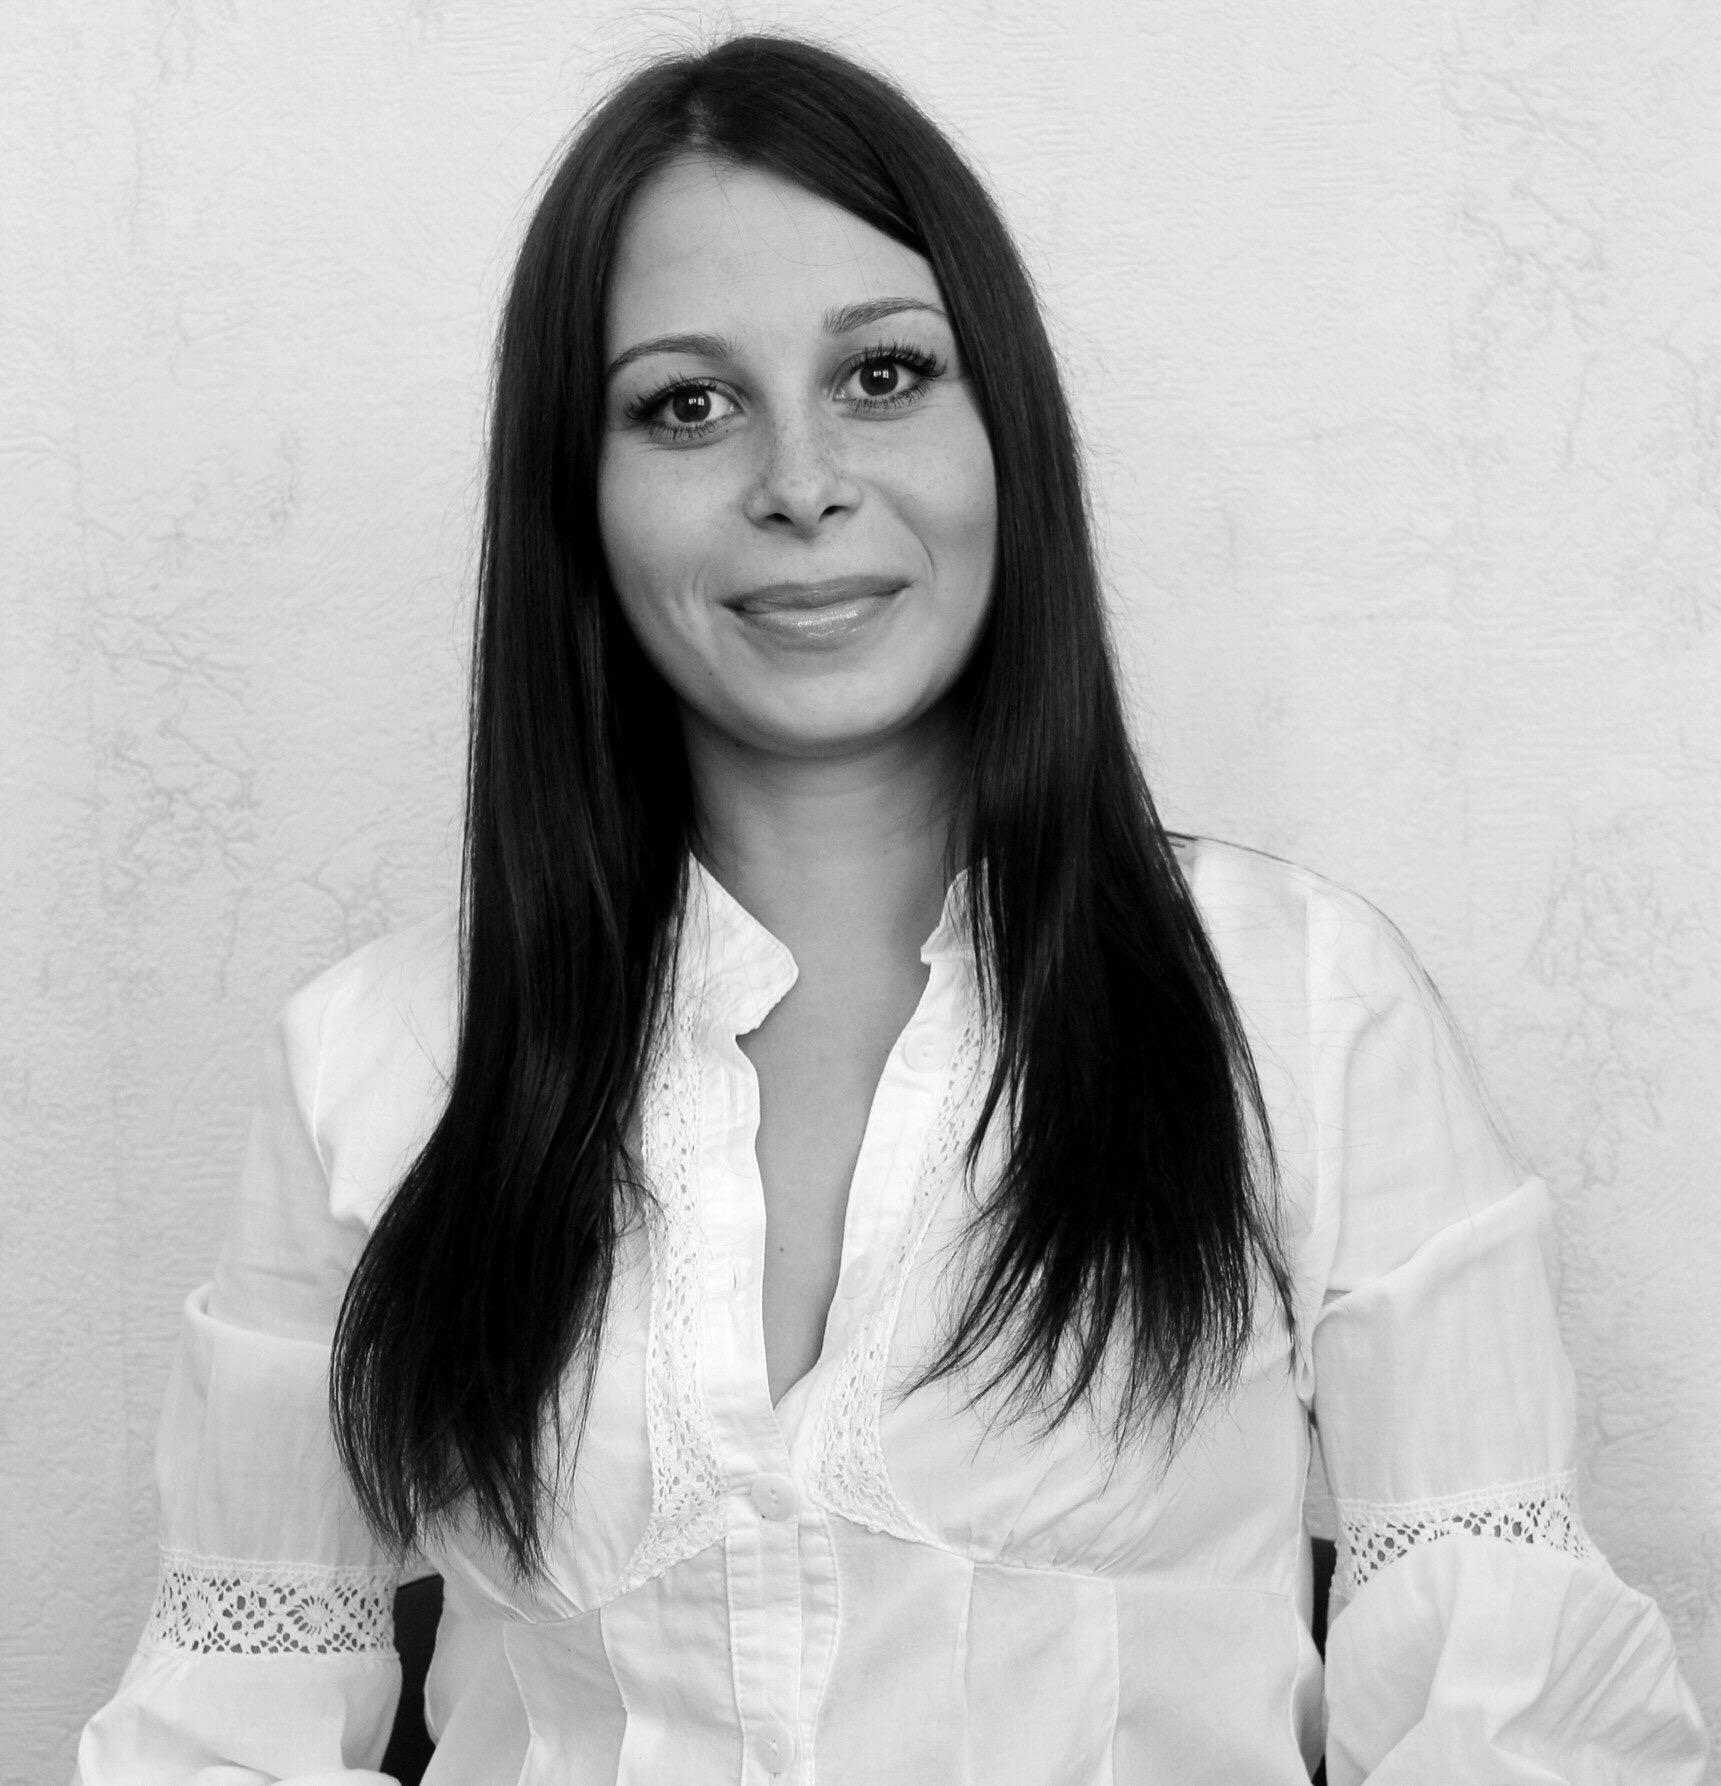 Маргарита Балунова